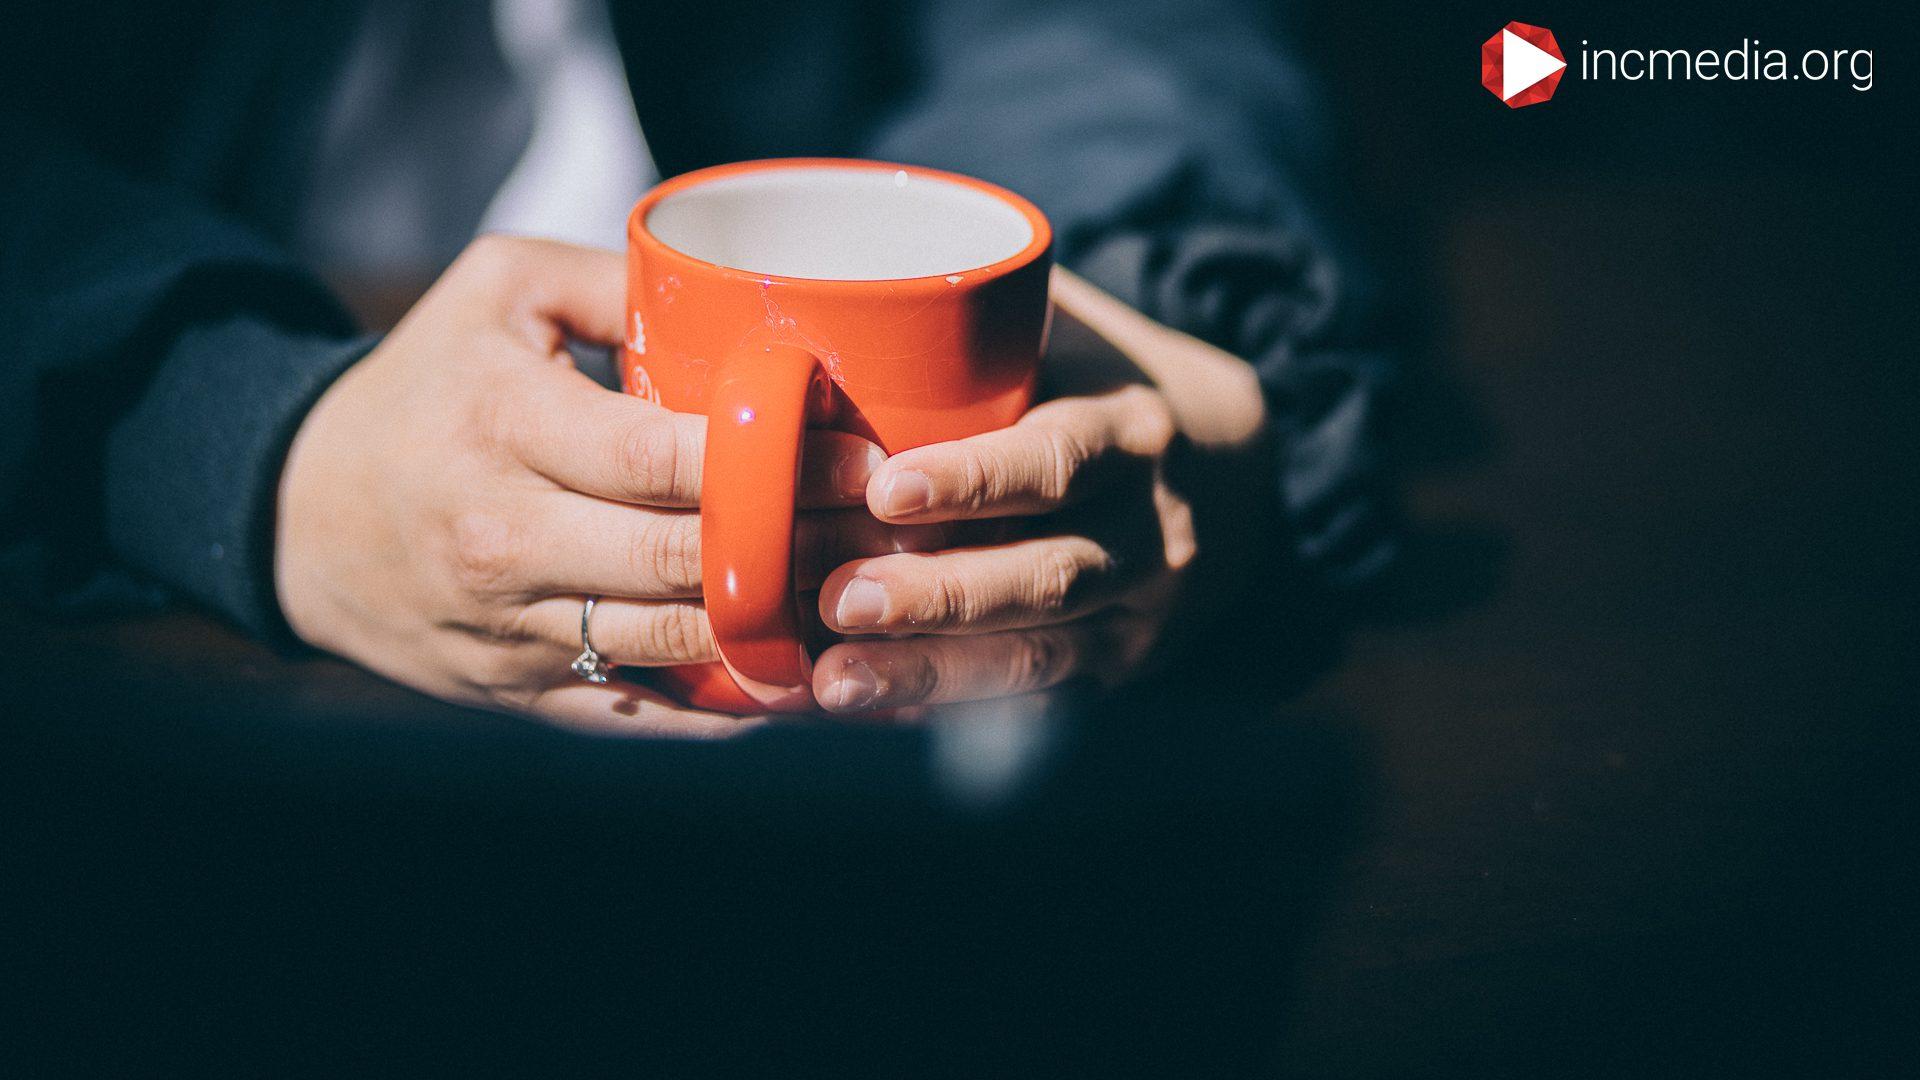 hand holding orange mug